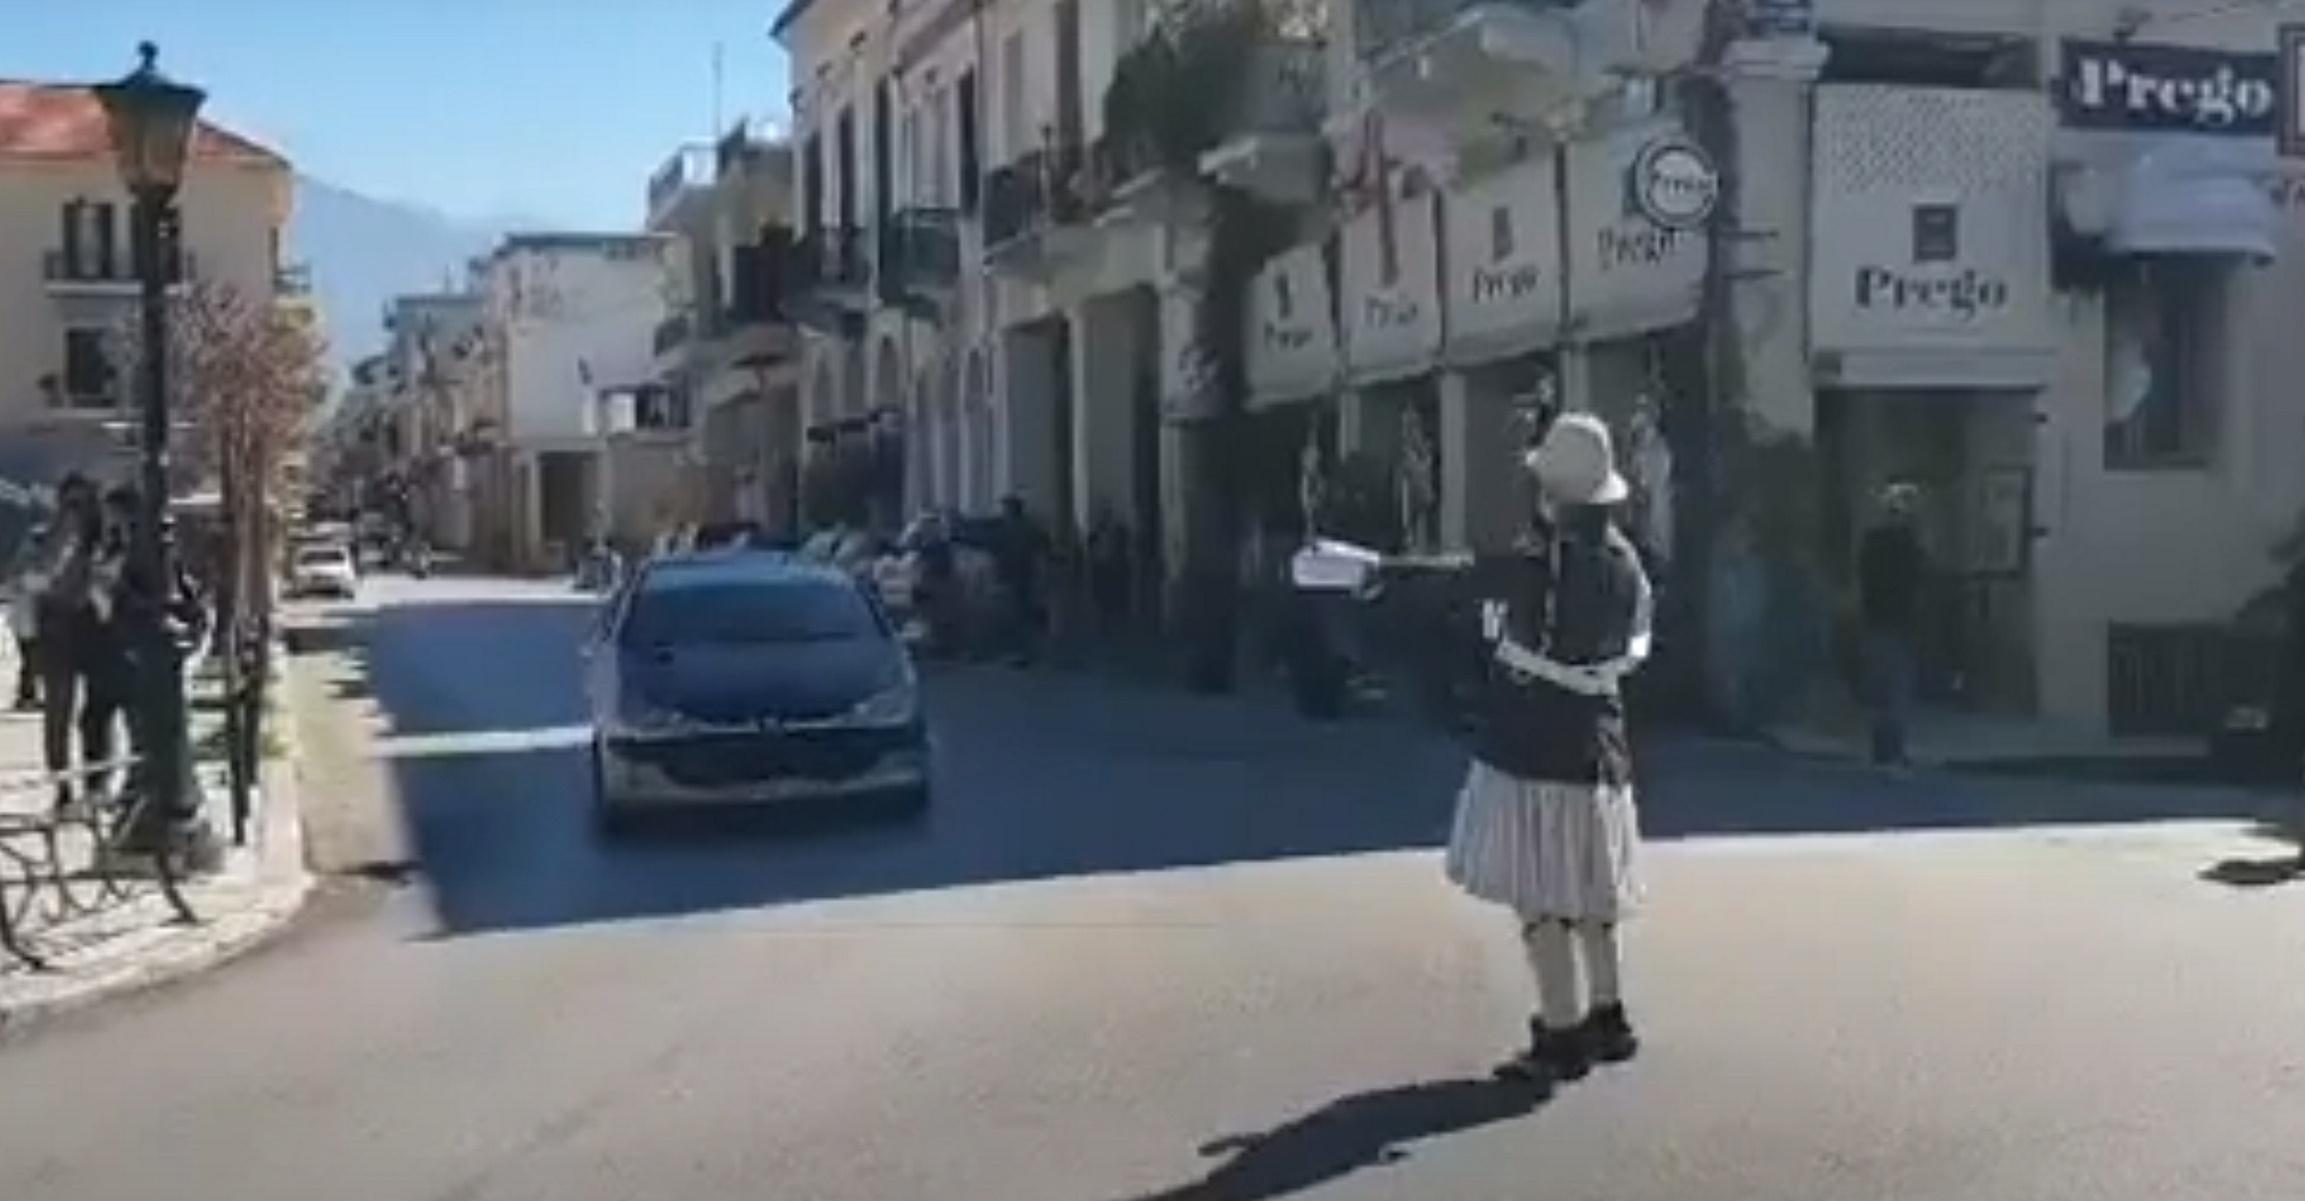 Τσικνοπέμπτη αλλιώς στην Πάτρα: Τροχονόμος με φουστανέλα και σφυρίχτρα (pic, vid)